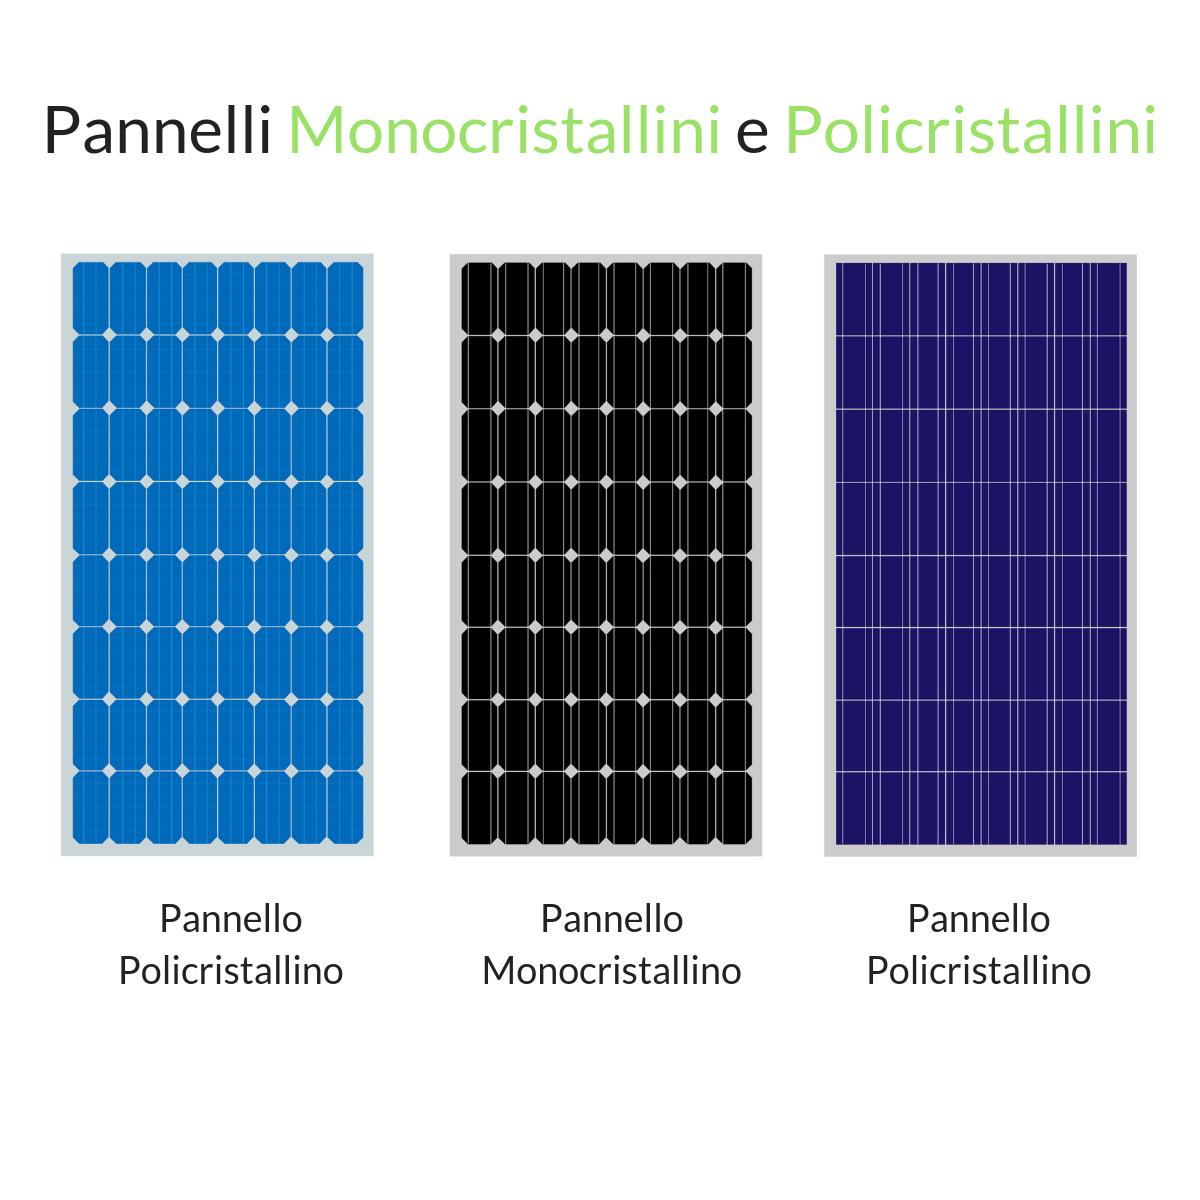 Pannelli Monocristallini e Policristallini